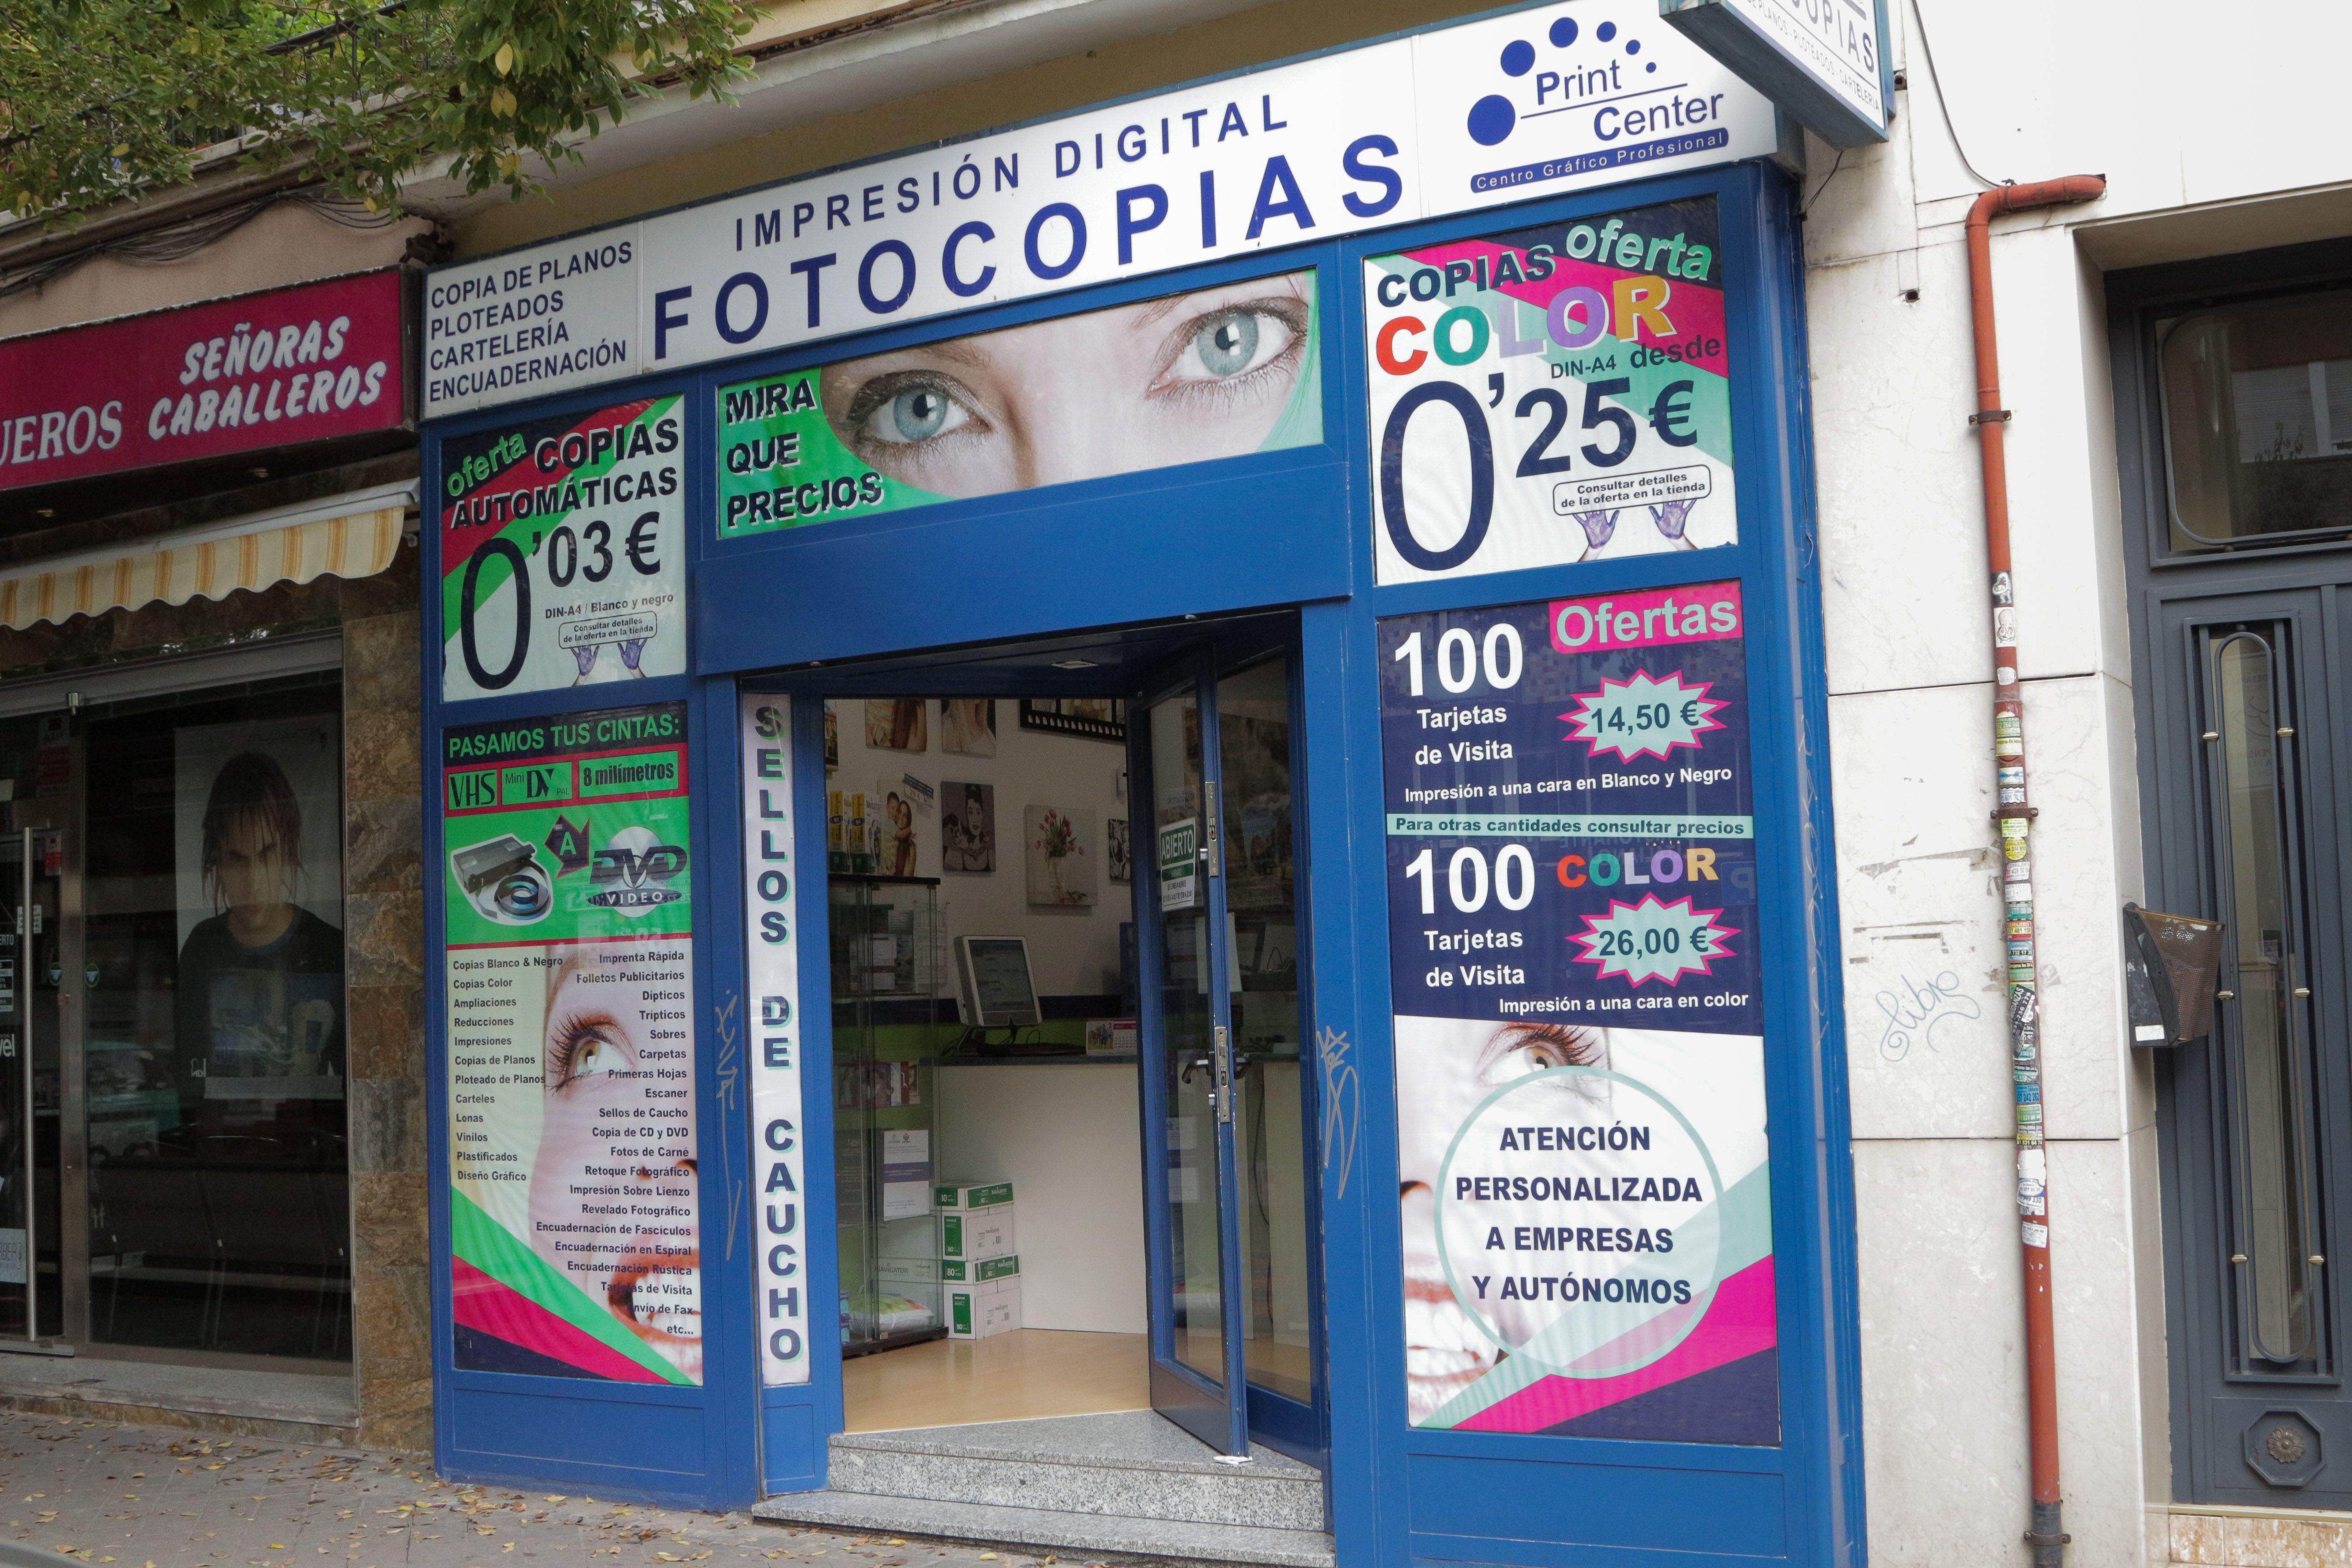 Foto 5 de Reprografía en Madrid | Print Center